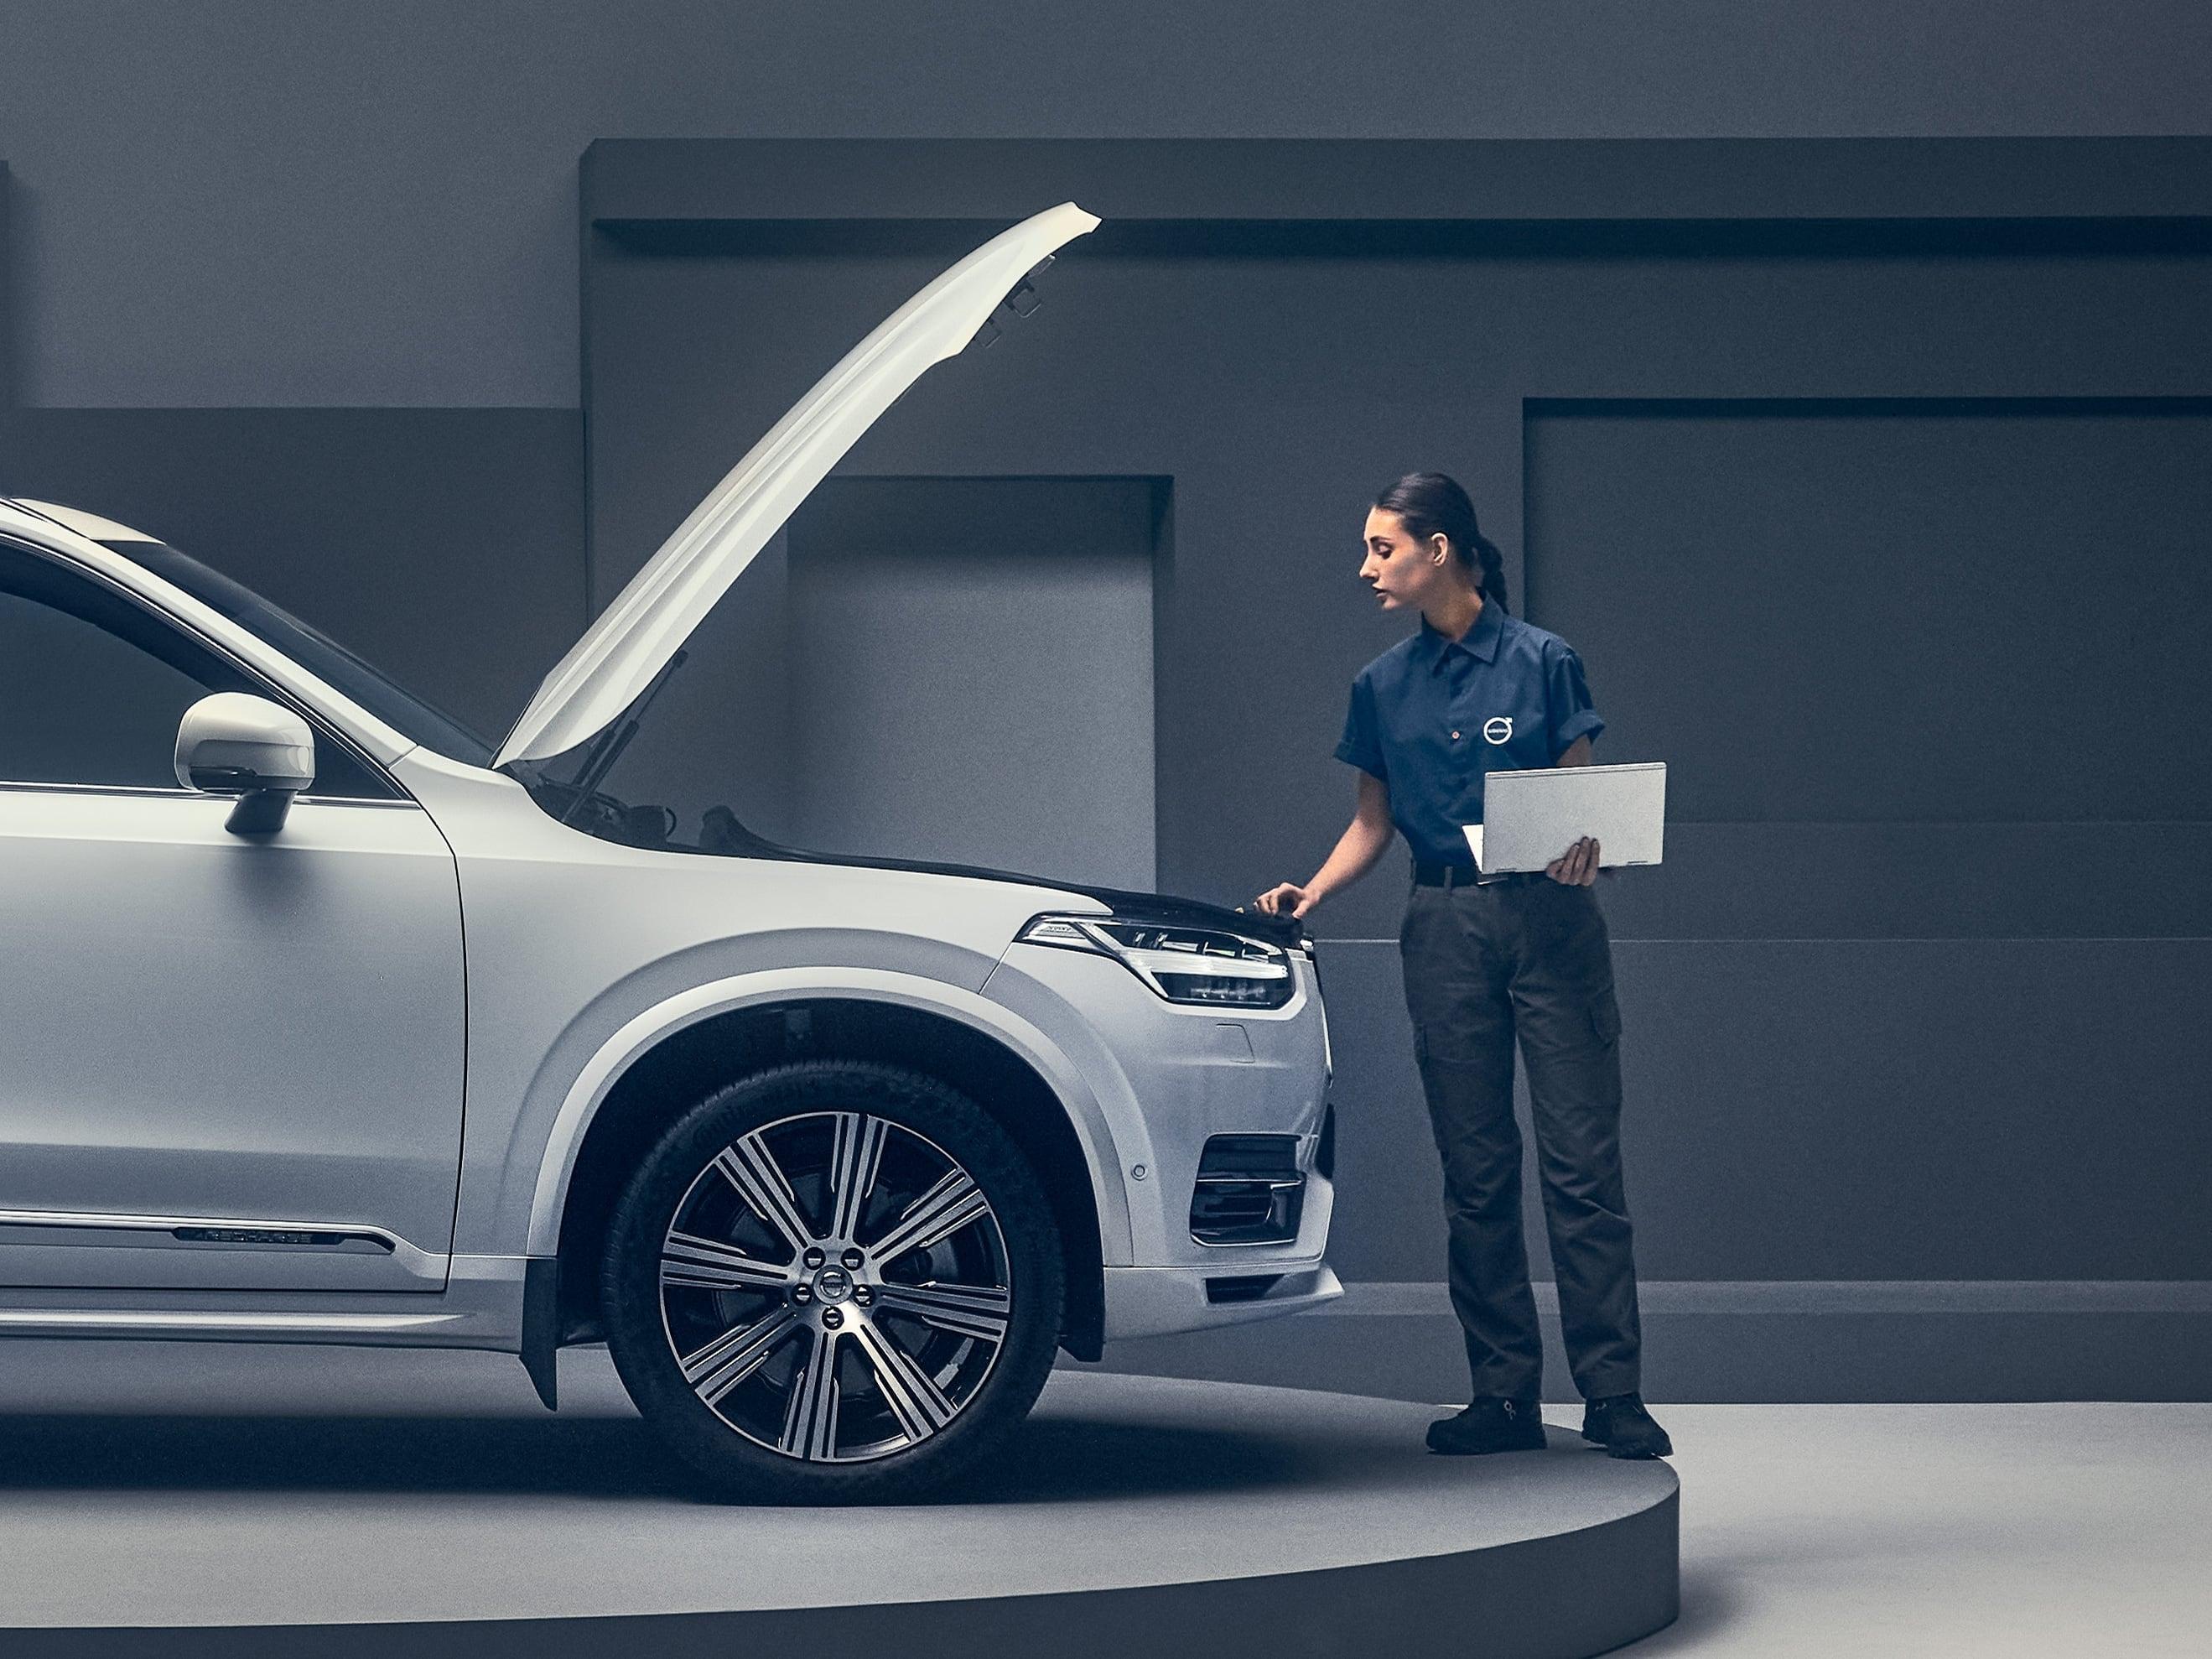 Fehér Volvo nyitott motorháztetővel, női szerelő dolgozik rajta.